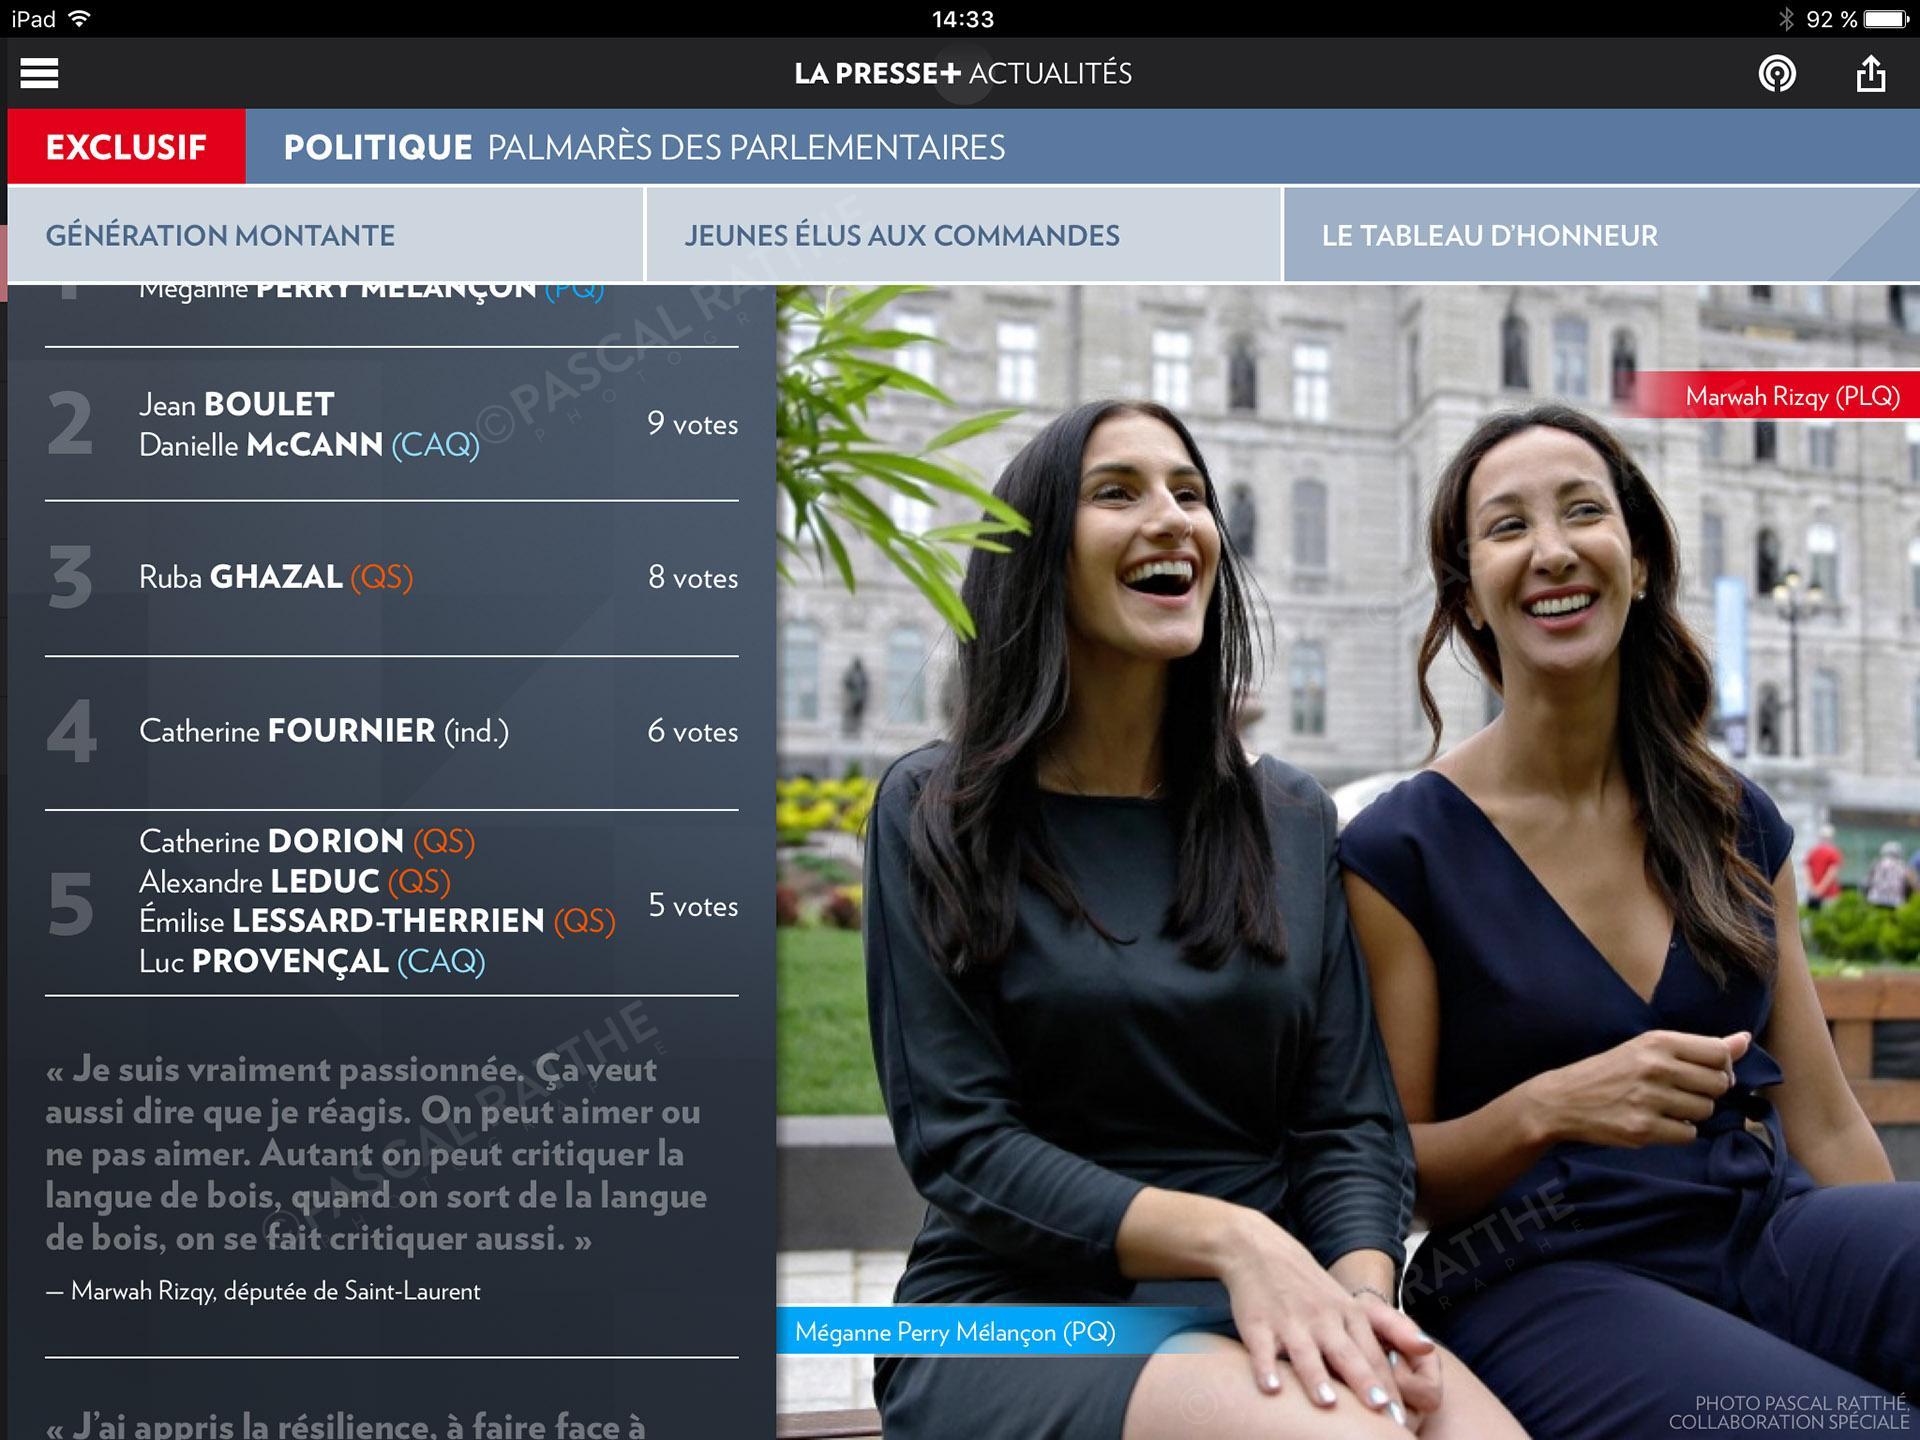 les etoiles de l'assemblee nationale, Portrait Megane Perry-Melancon PQ et Marwah Rizqy PLQ